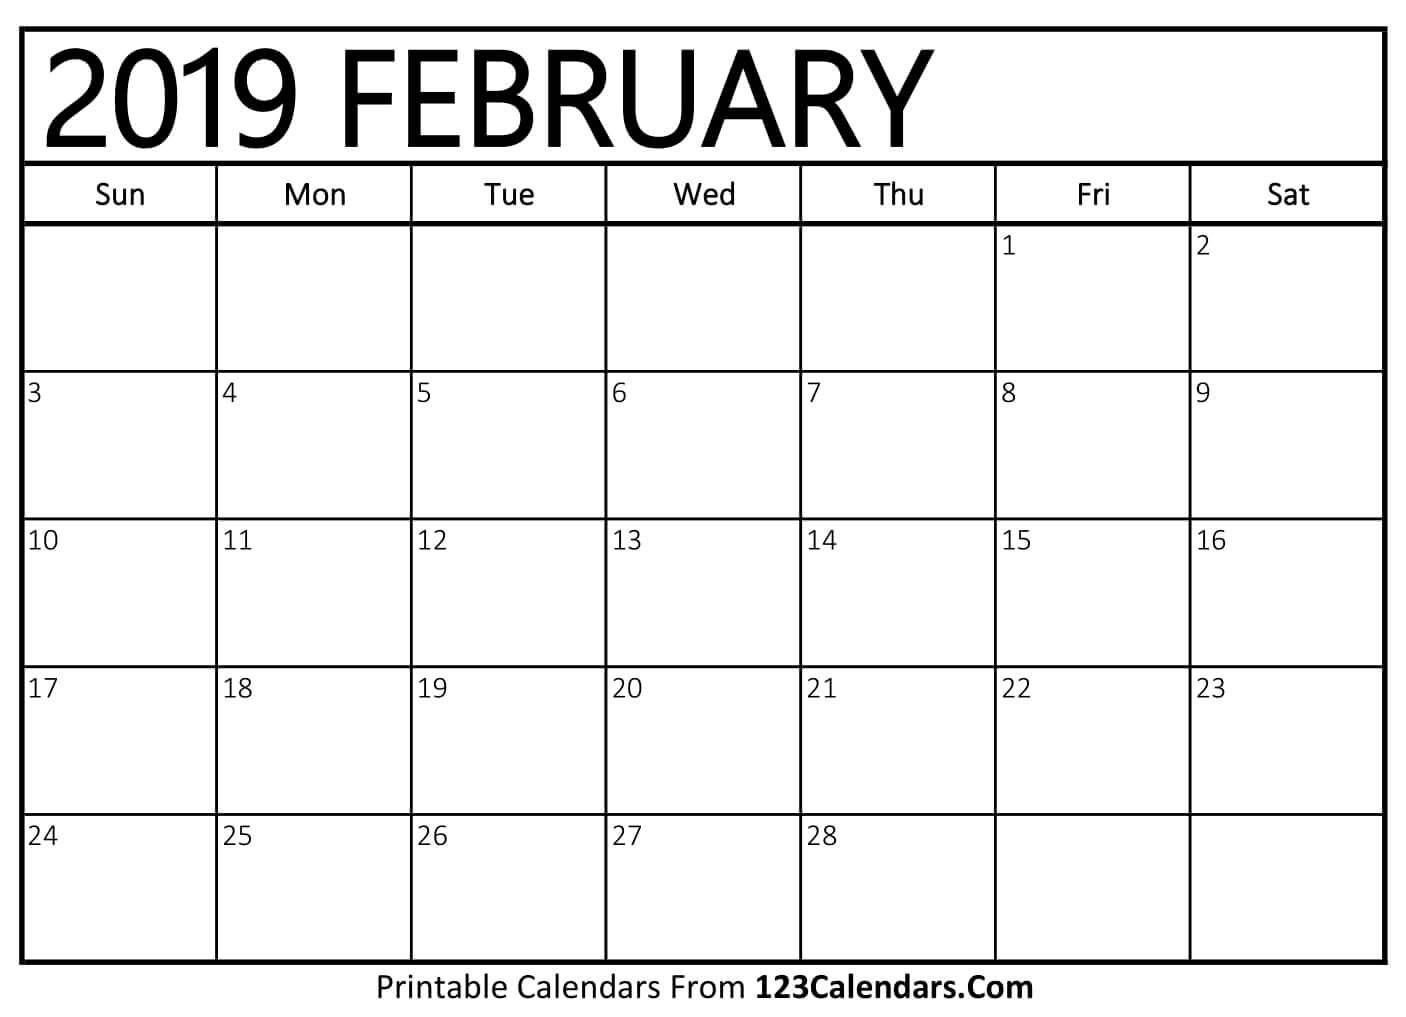 Printable February 2019 Calendar Templates - 123Calendars February 4 2019 Calendar